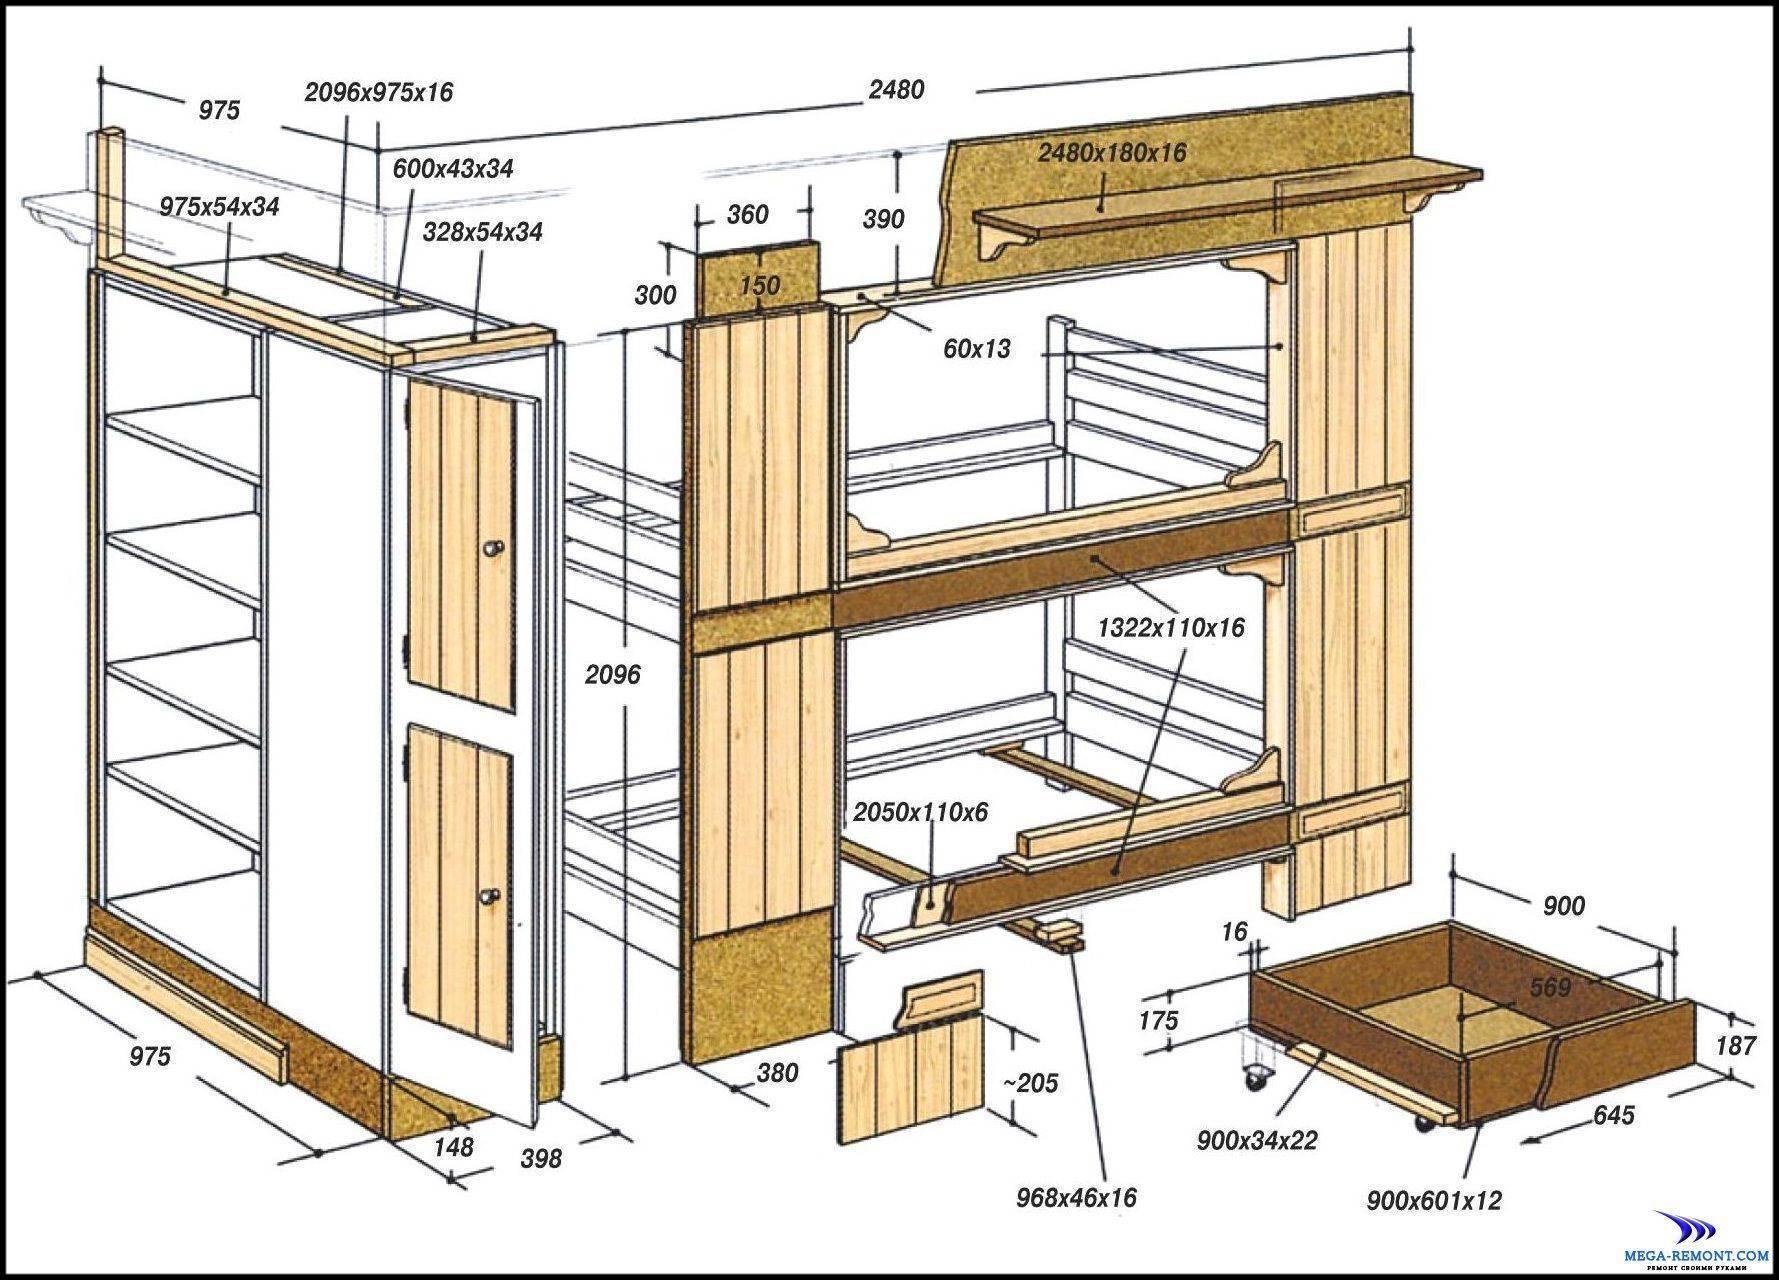 Двухъярусная кровать: варианты для детей и взрослых из дерева и металла, схемы, изготовление